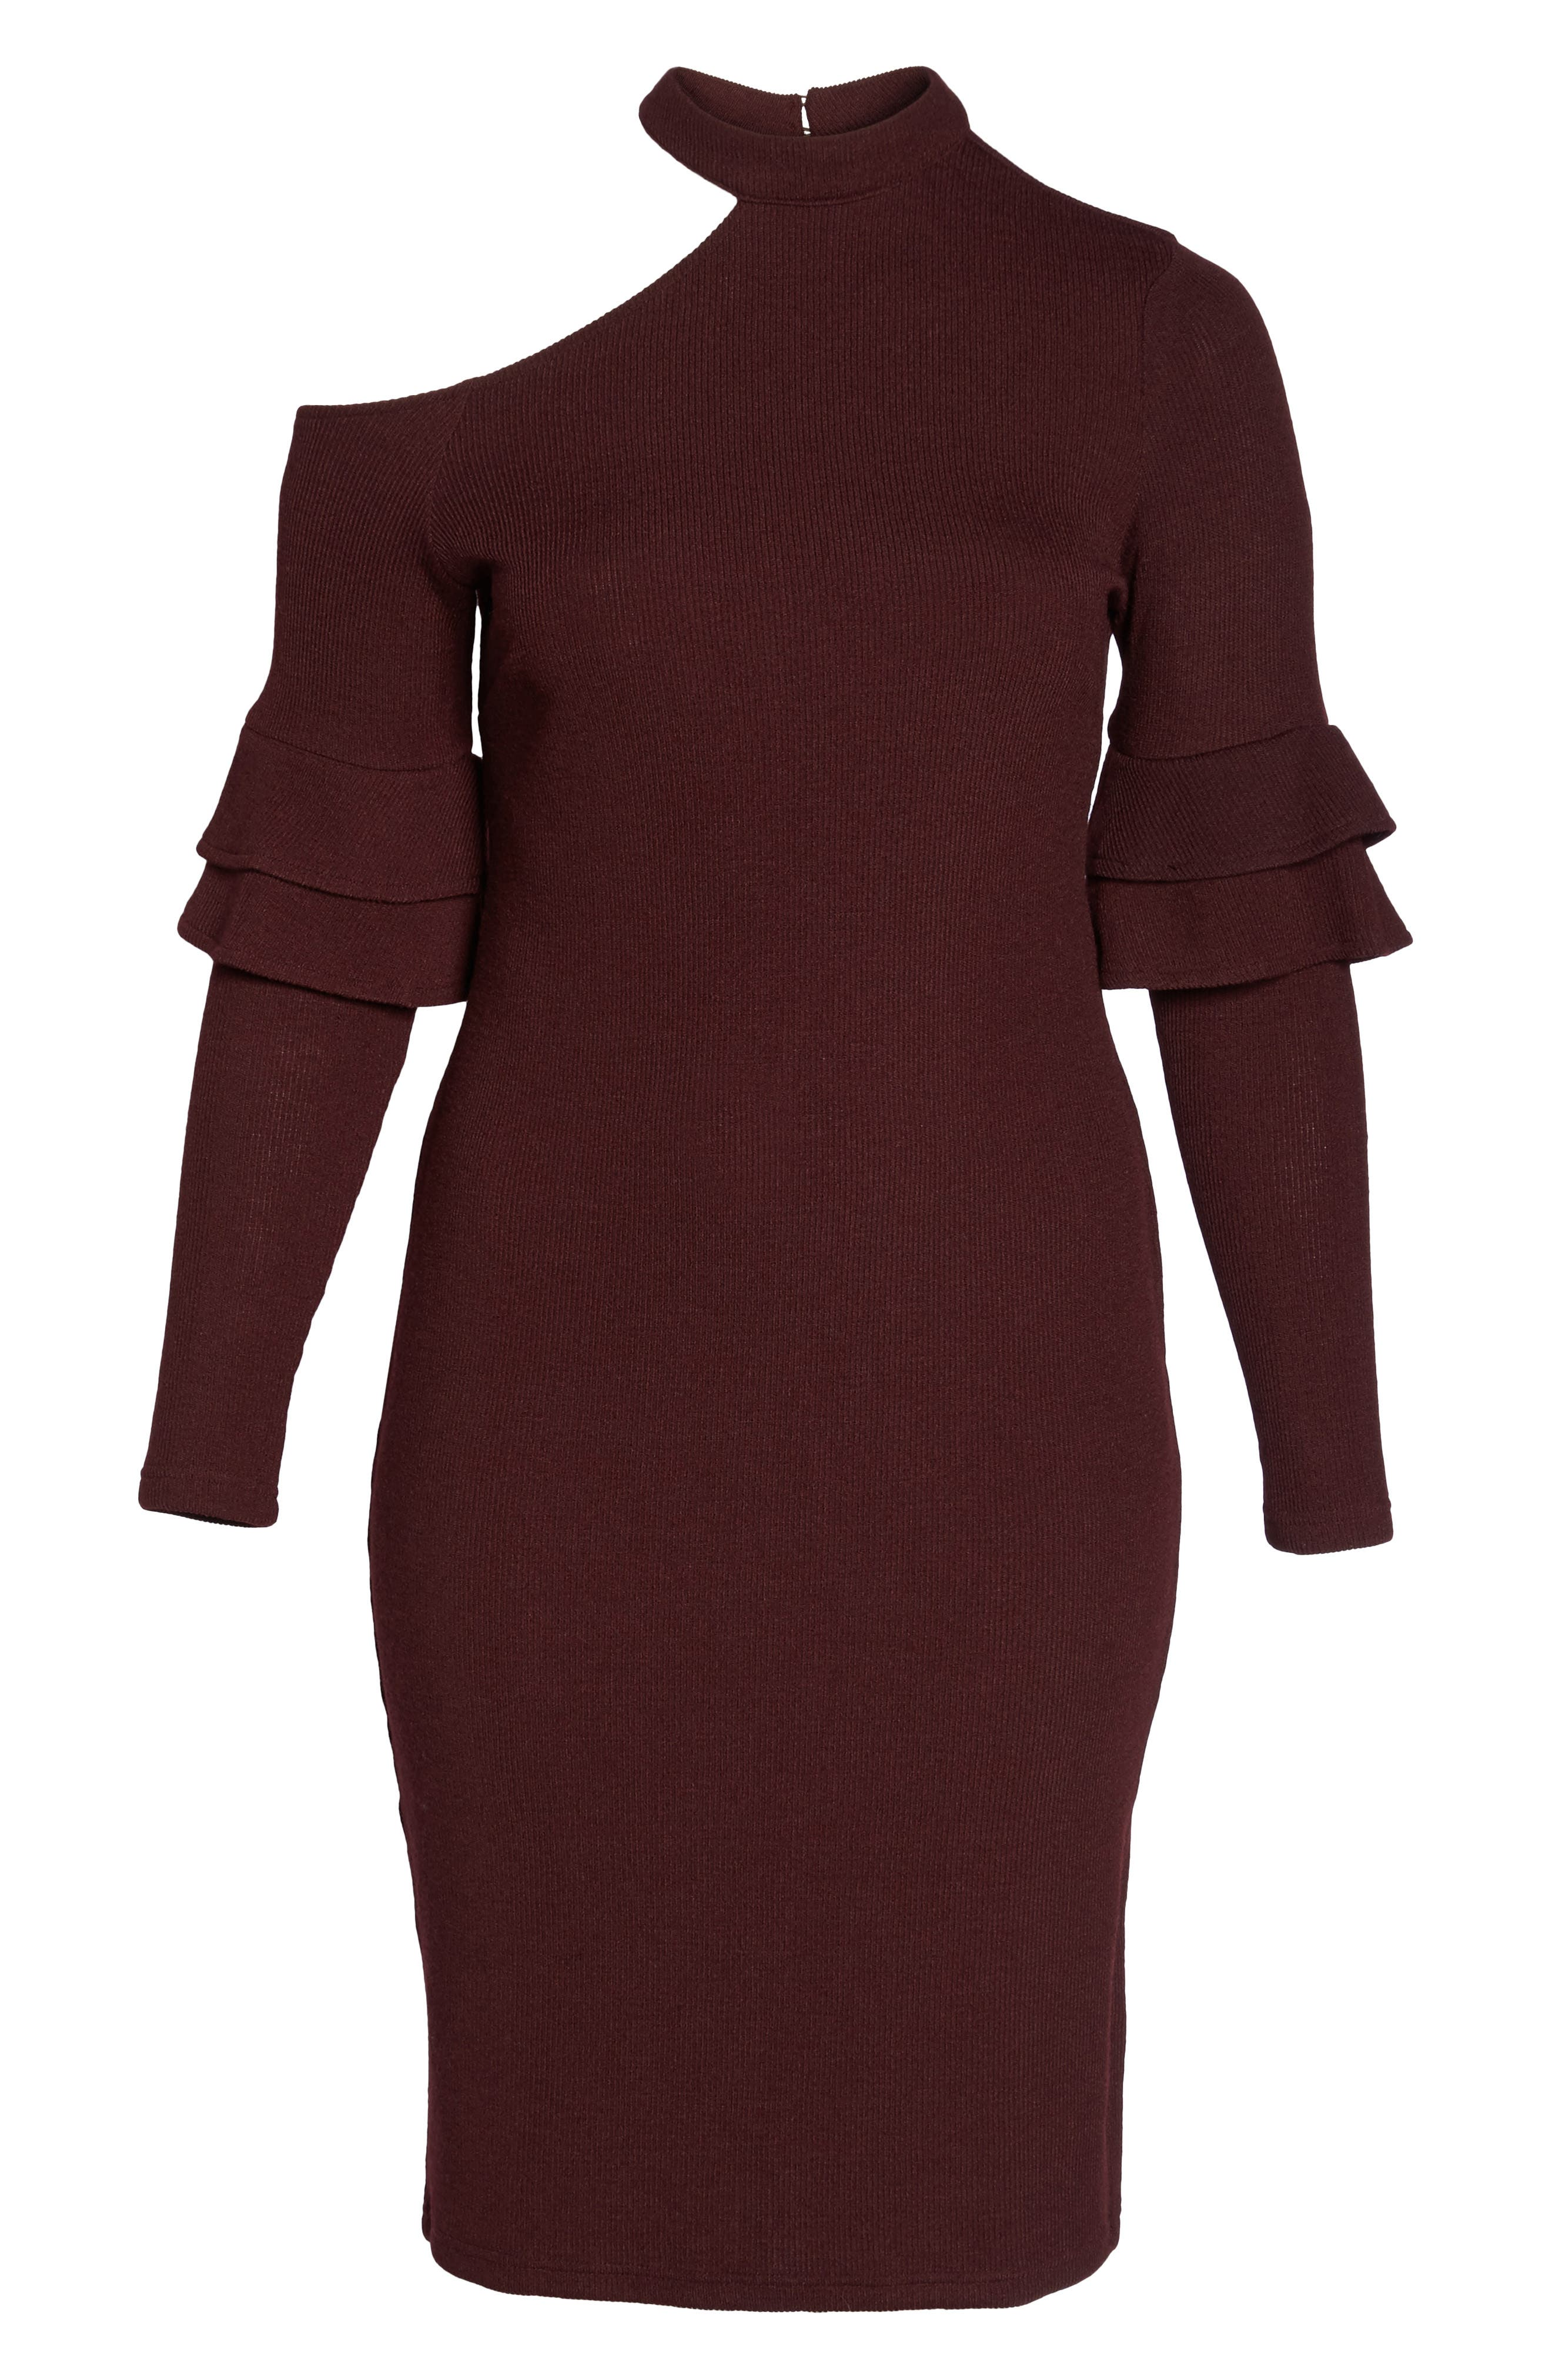 Shoulder Cutout Knit Dress,                             Alternate thumbnail 6, color,                             600